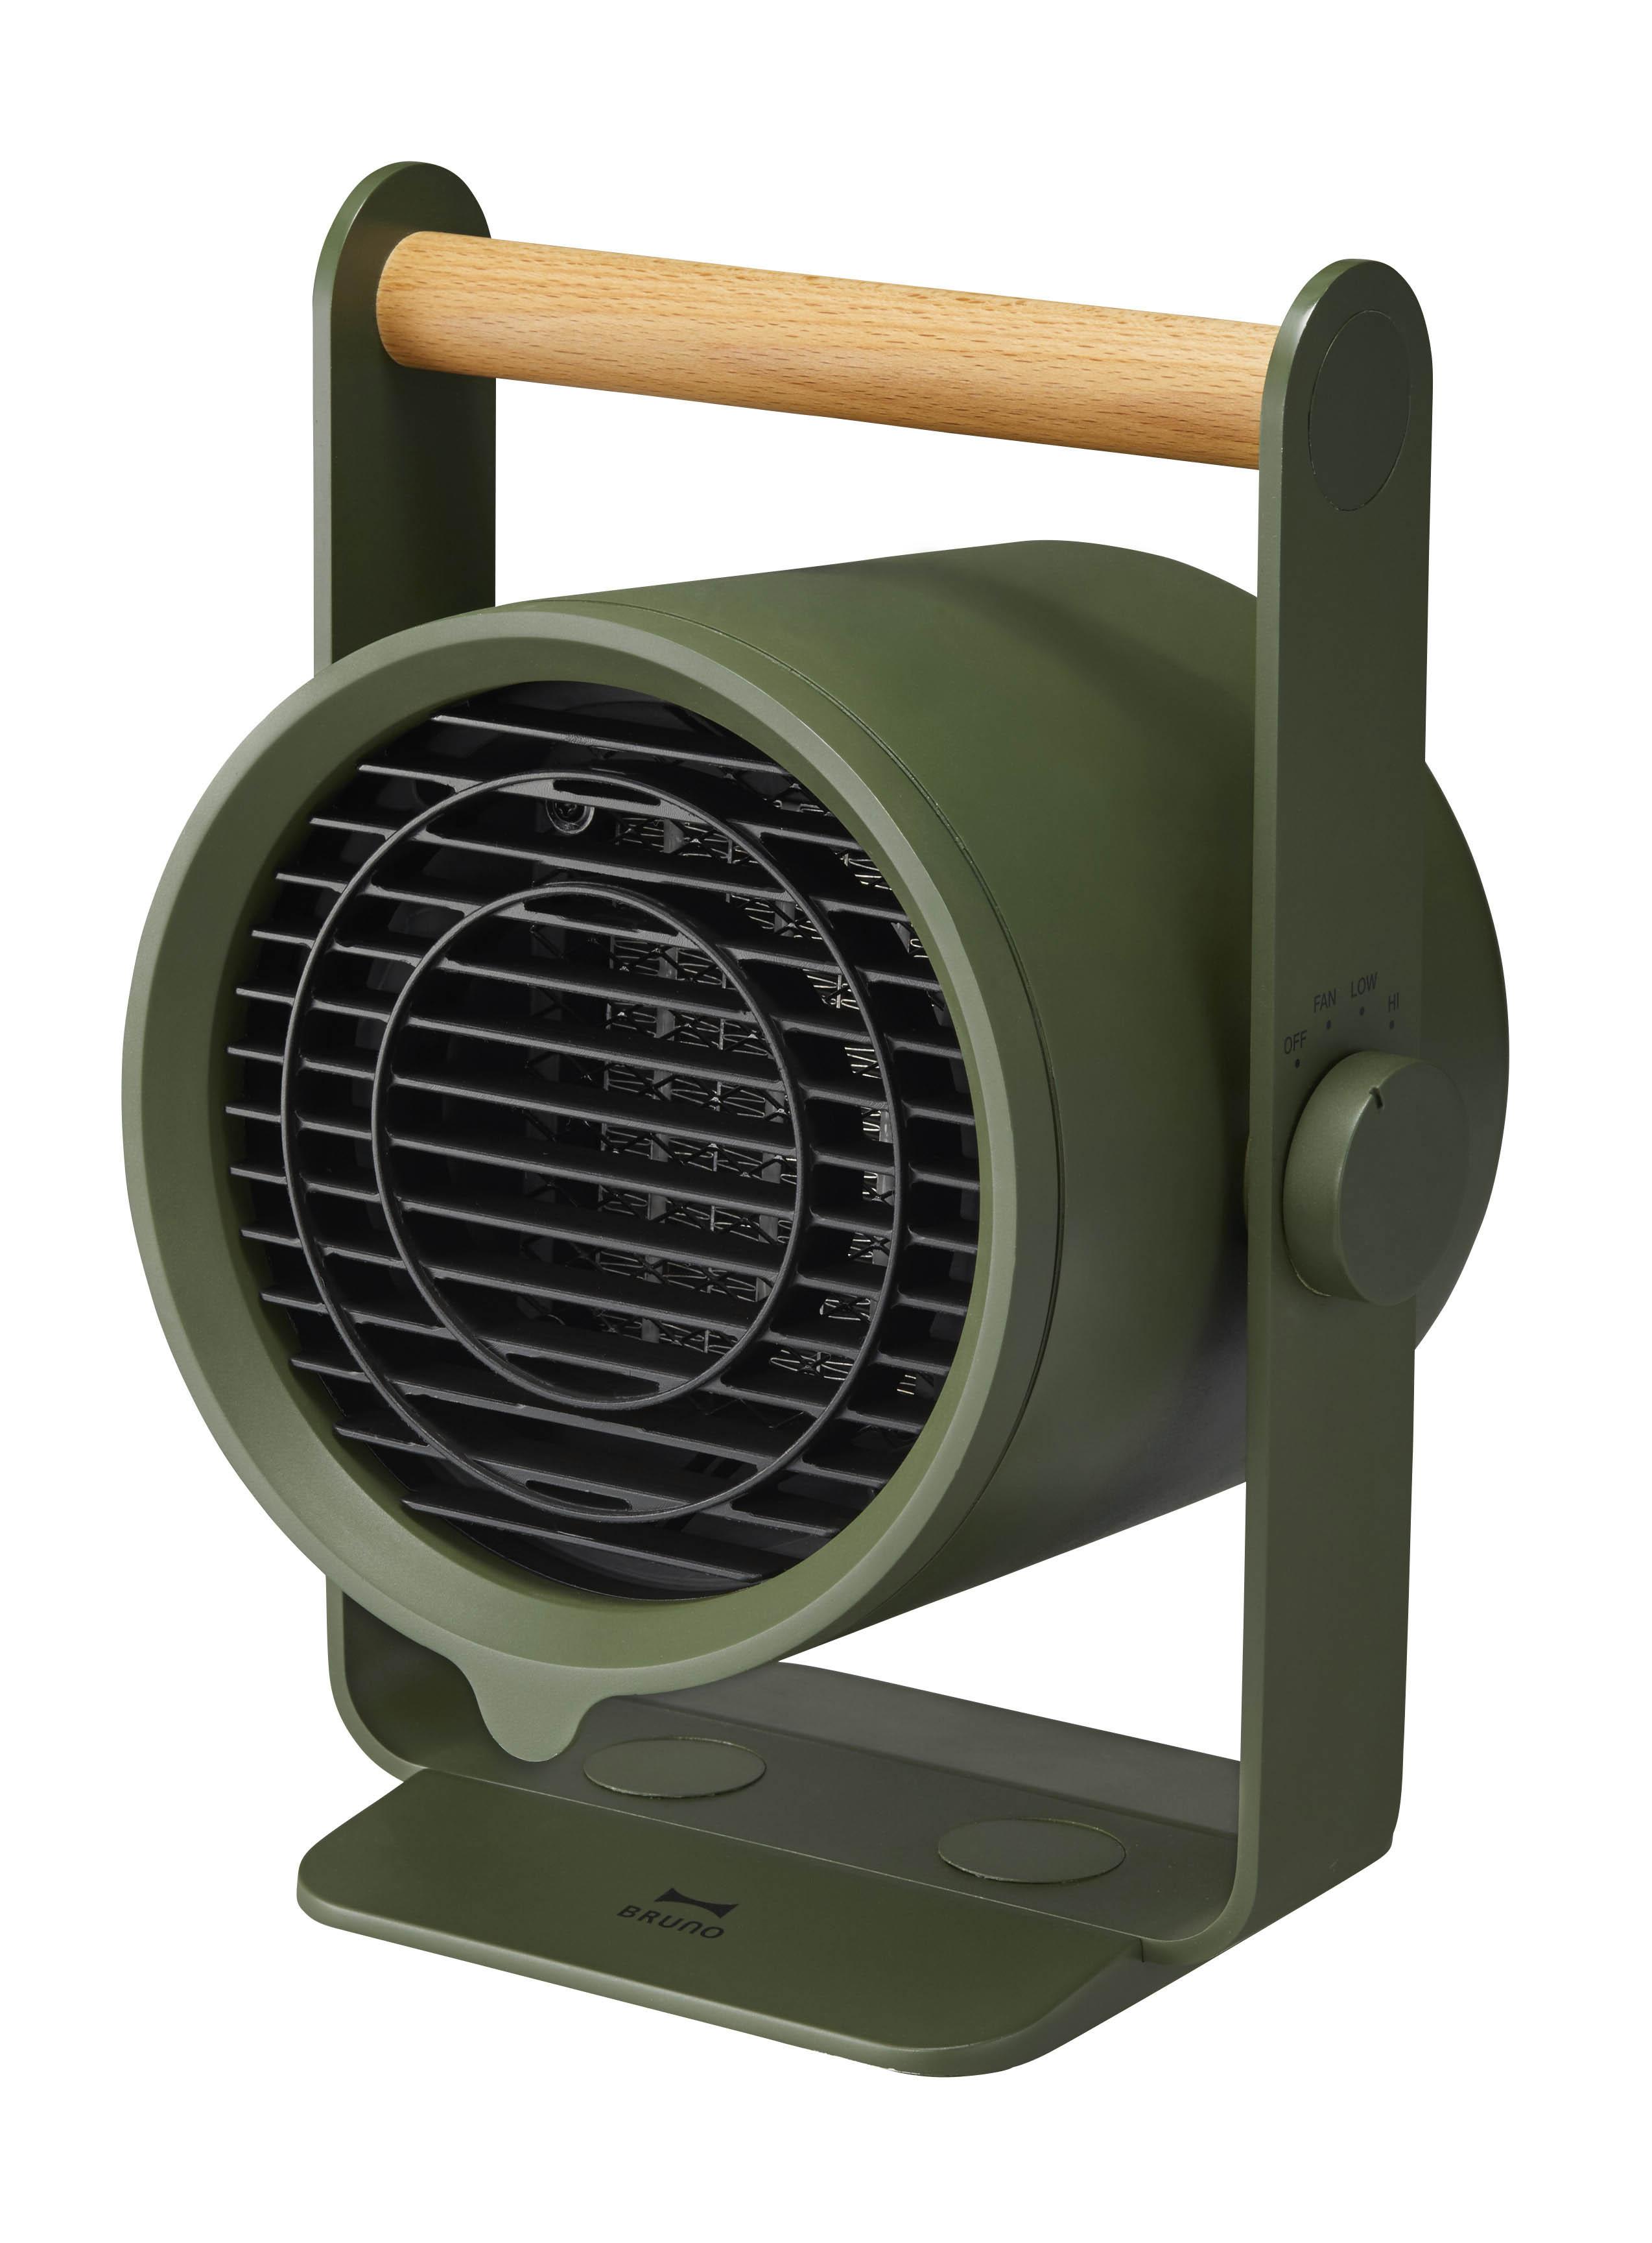 天然木手持PTC陶瓷兩用電暖器